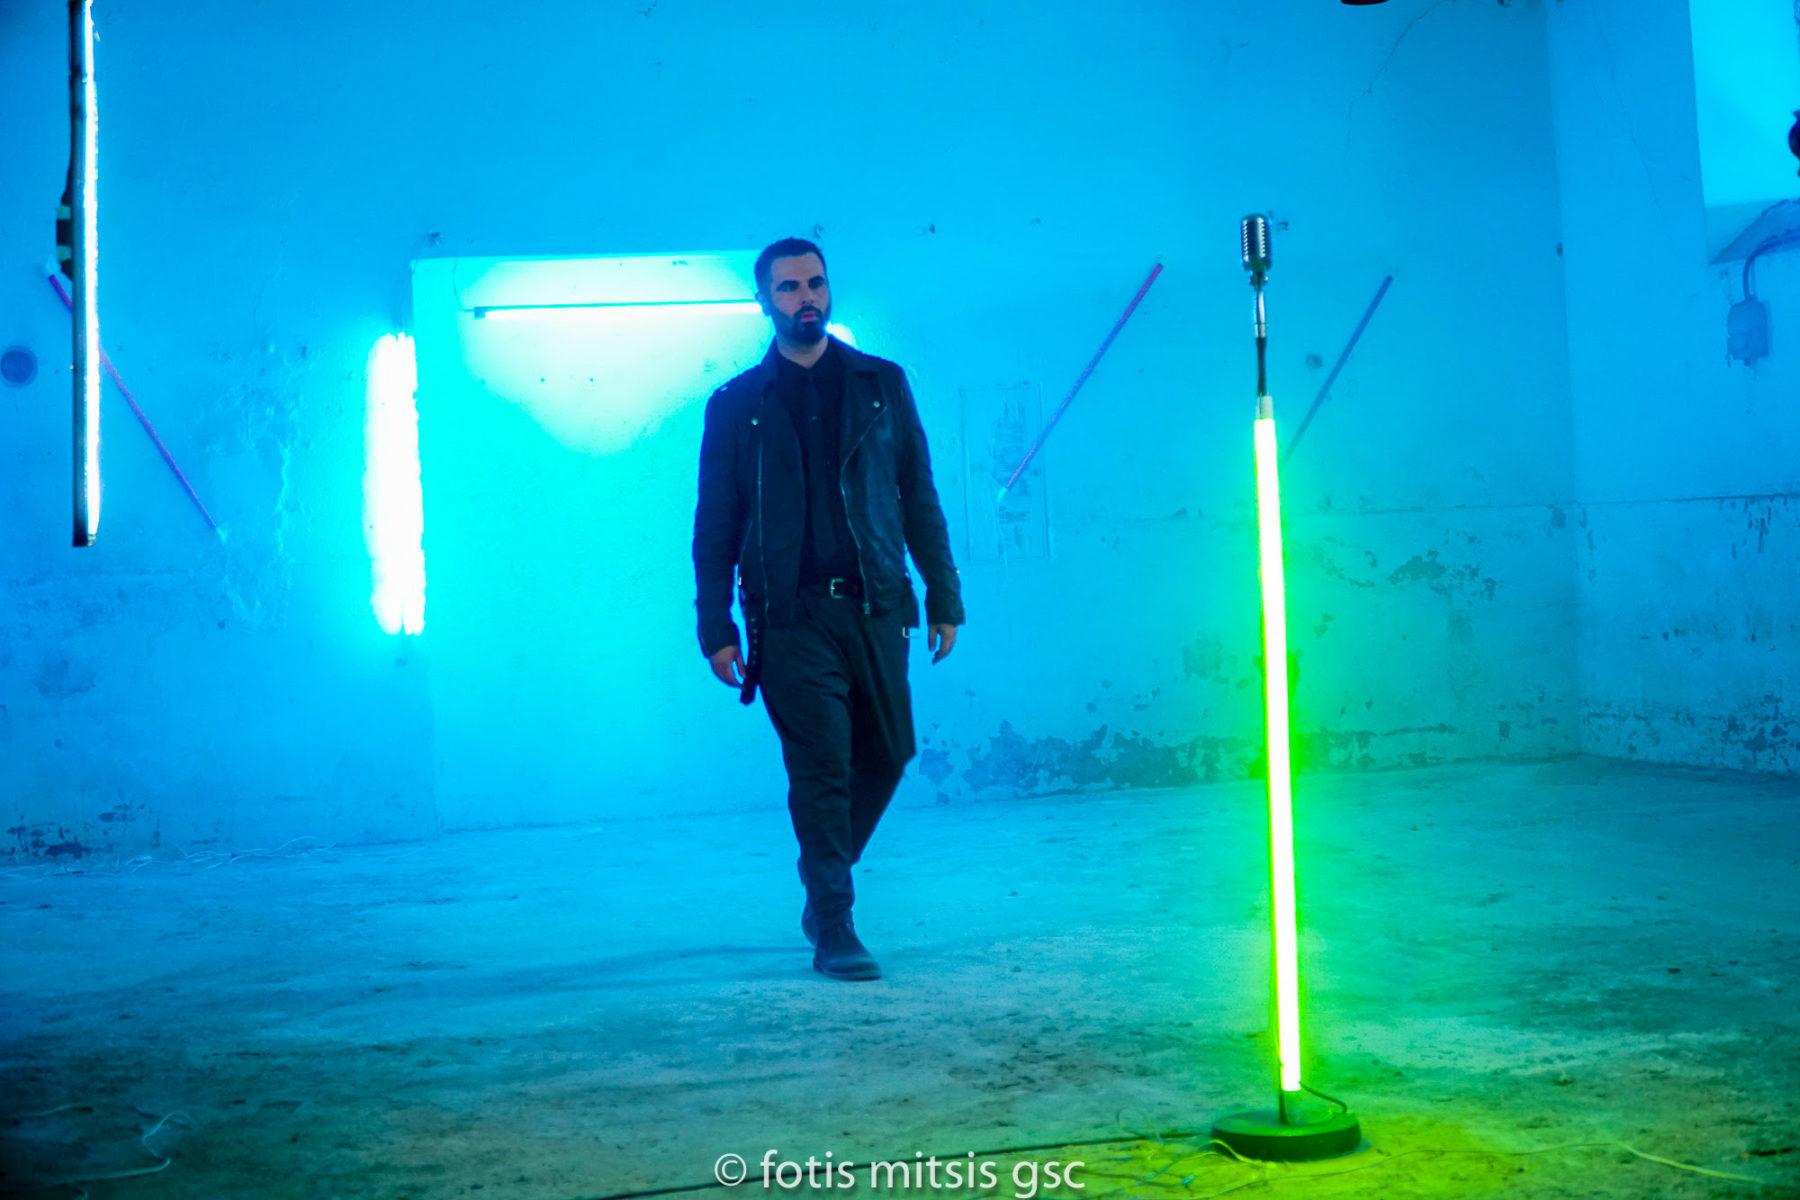 Γιώργος Παπαδόπουλος: backstage στα γυρίσματα του νέου του βιντεοκλίπ (φωτογραφίες)